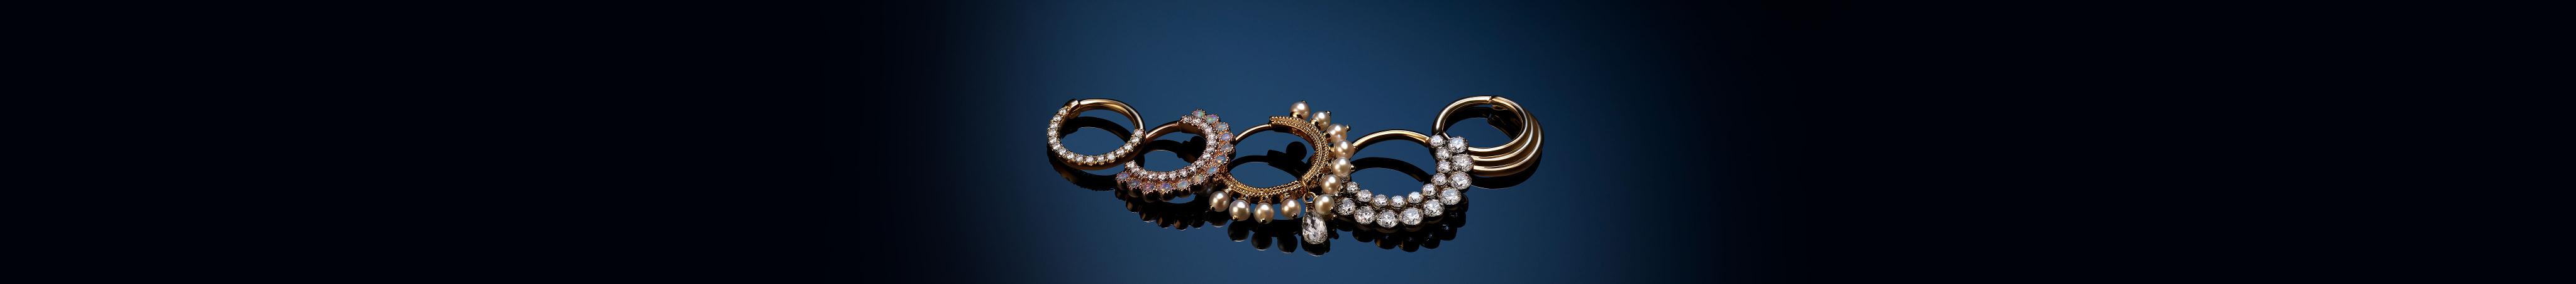 Septum Jewelry